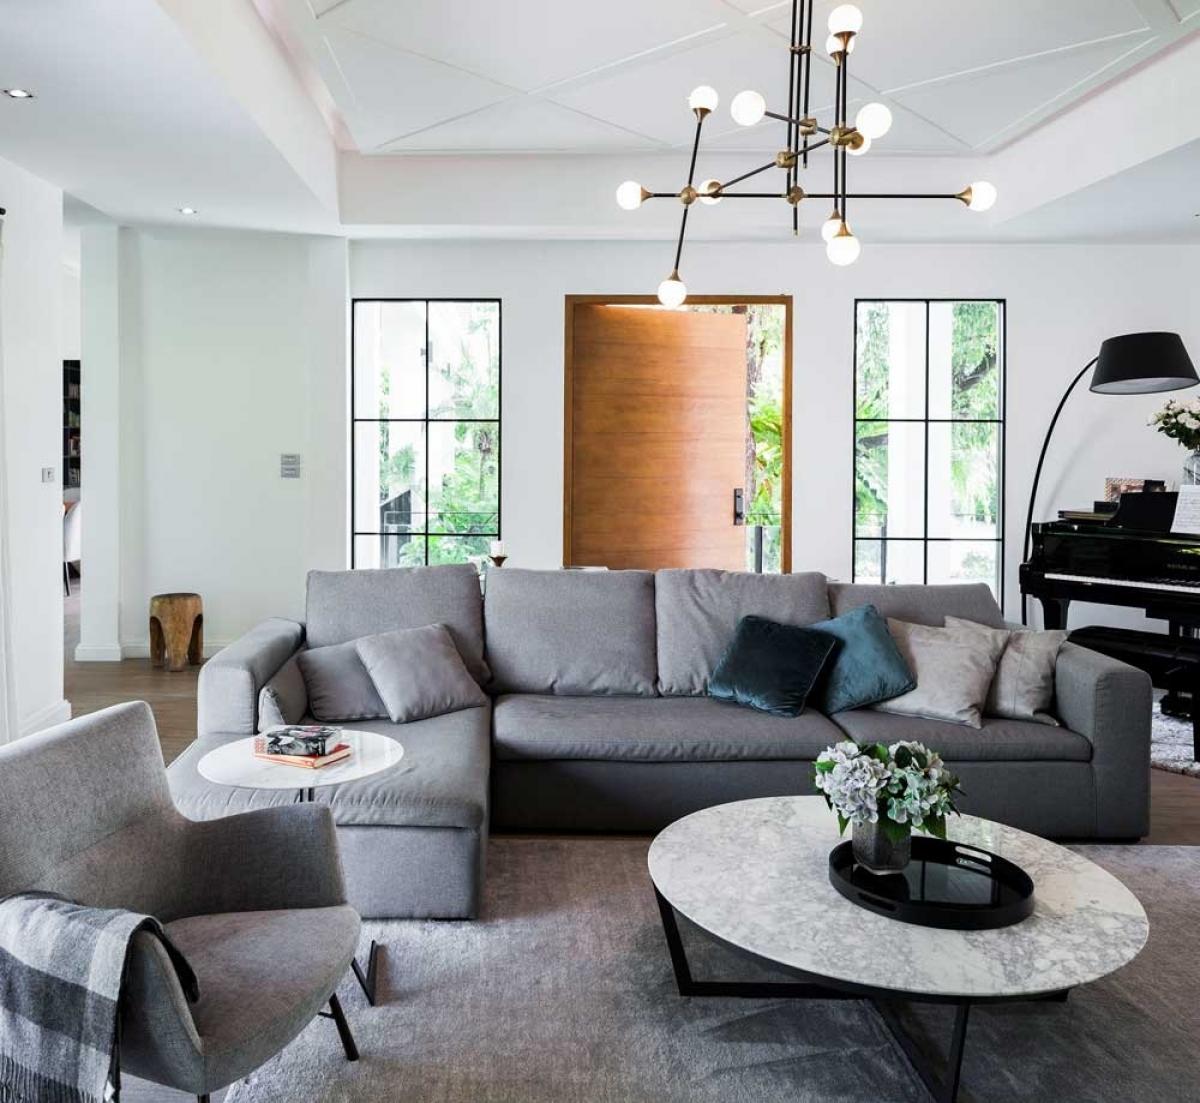 Sofa lớn kèm với tấm thảm cùng tông chiếm phần lớn diện tích phòng khách.